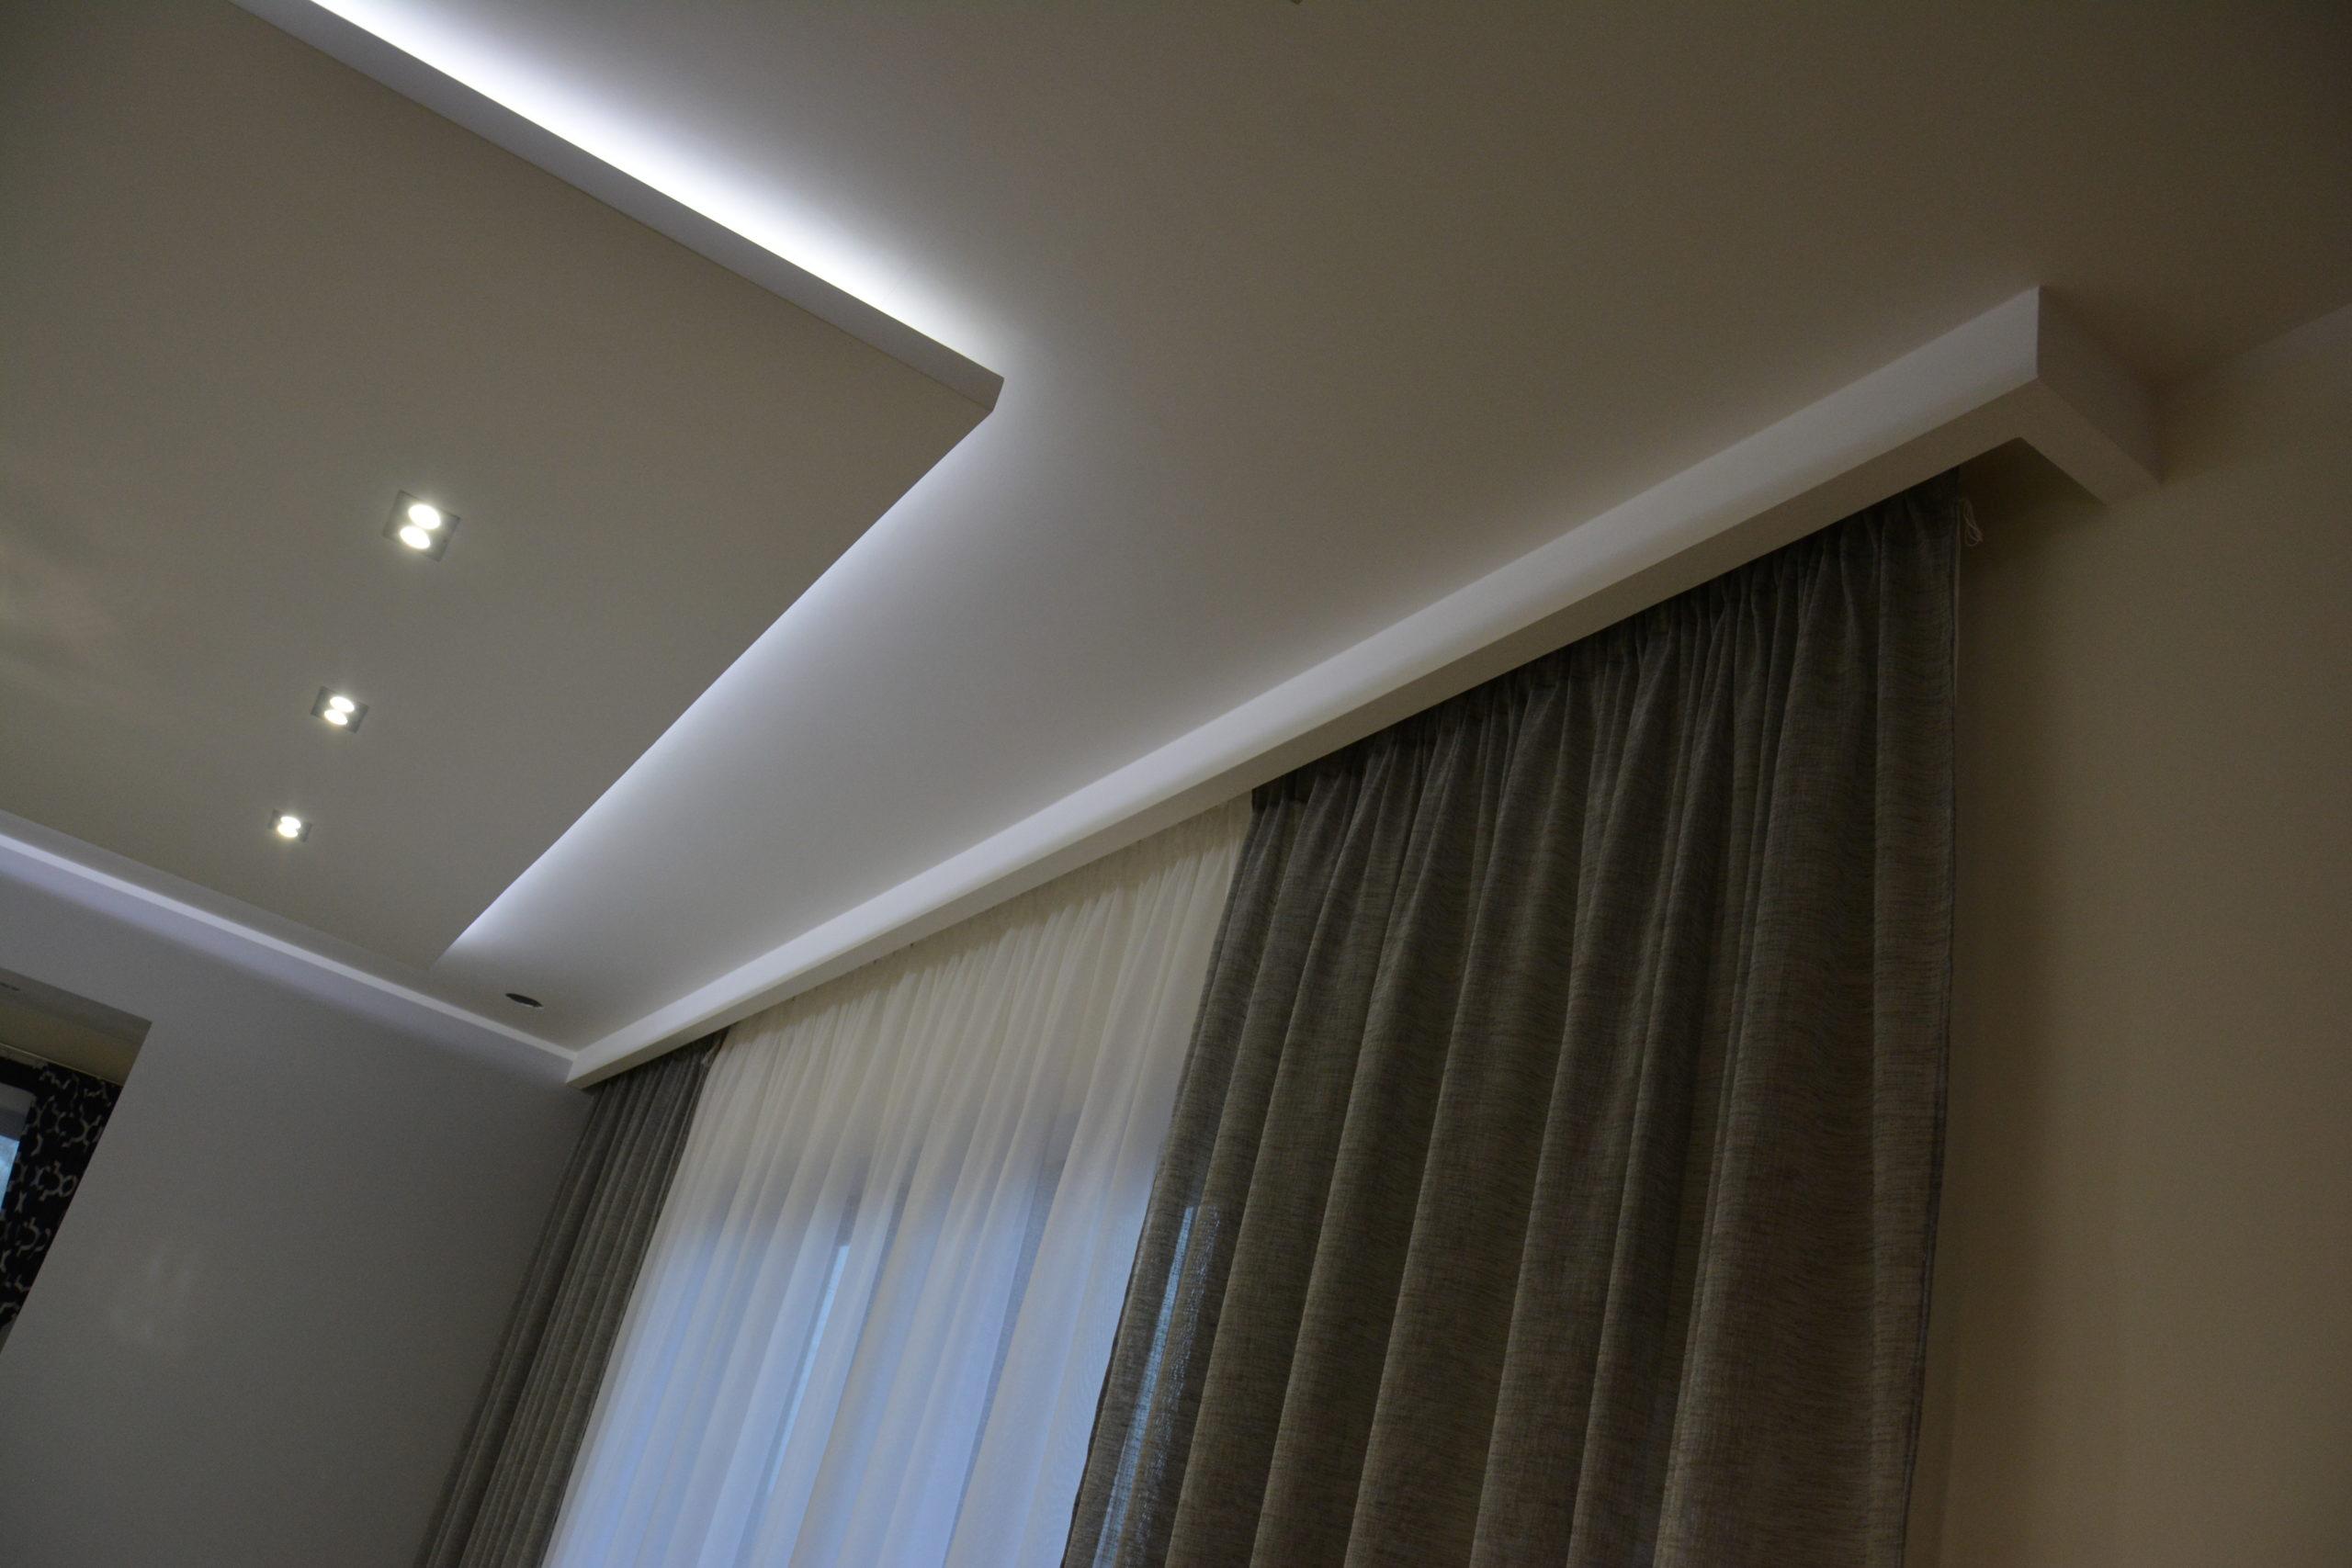 Sufit podwieszany z oświetleniem punktowym